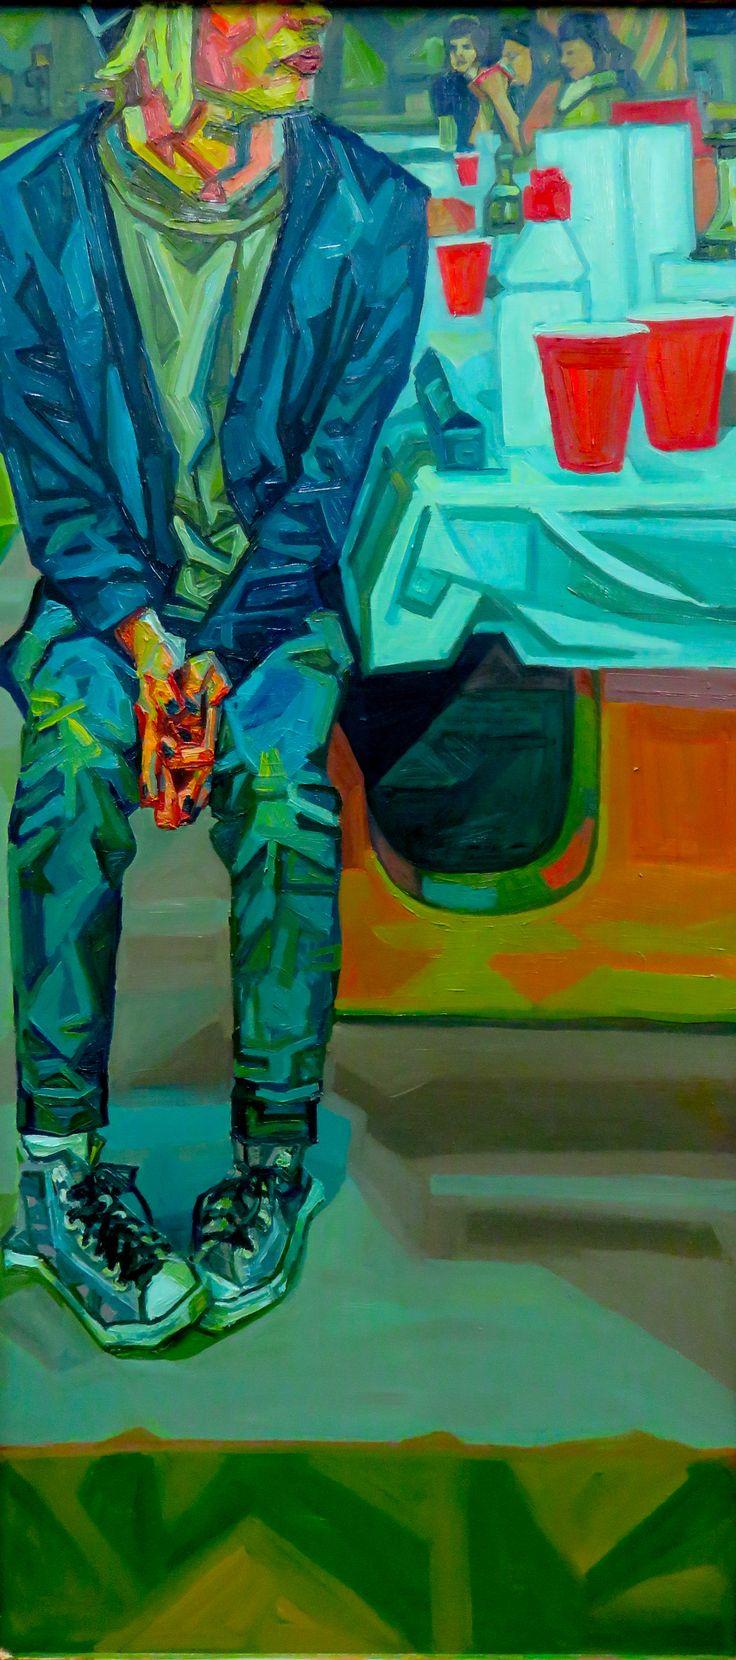 party prison #oilpainting #painting #cubism #figure #color #shapes